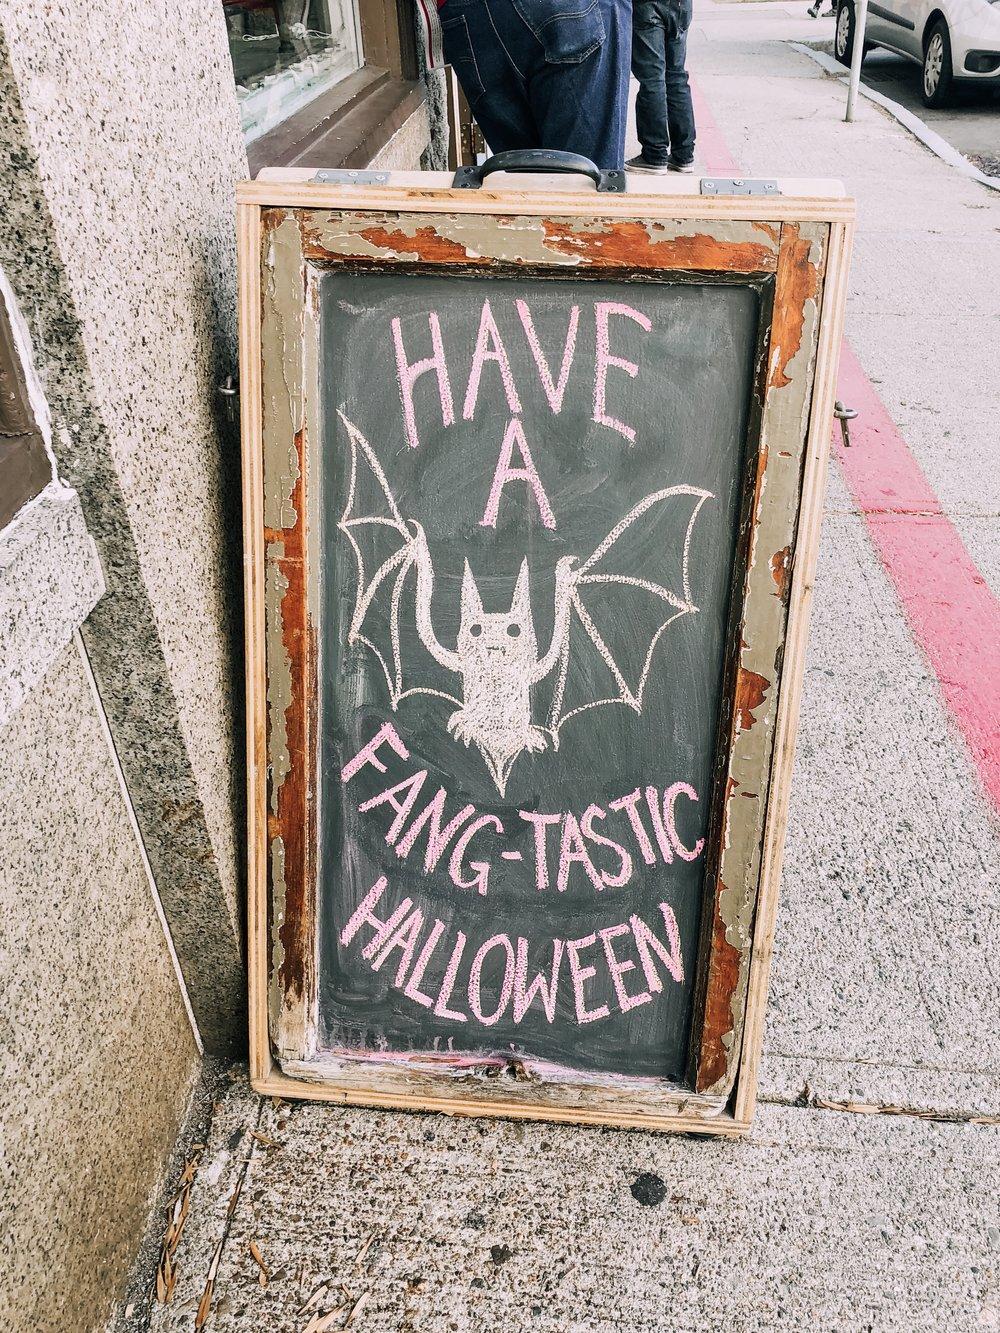 salem-mass-fangtastic-halloween.jpg